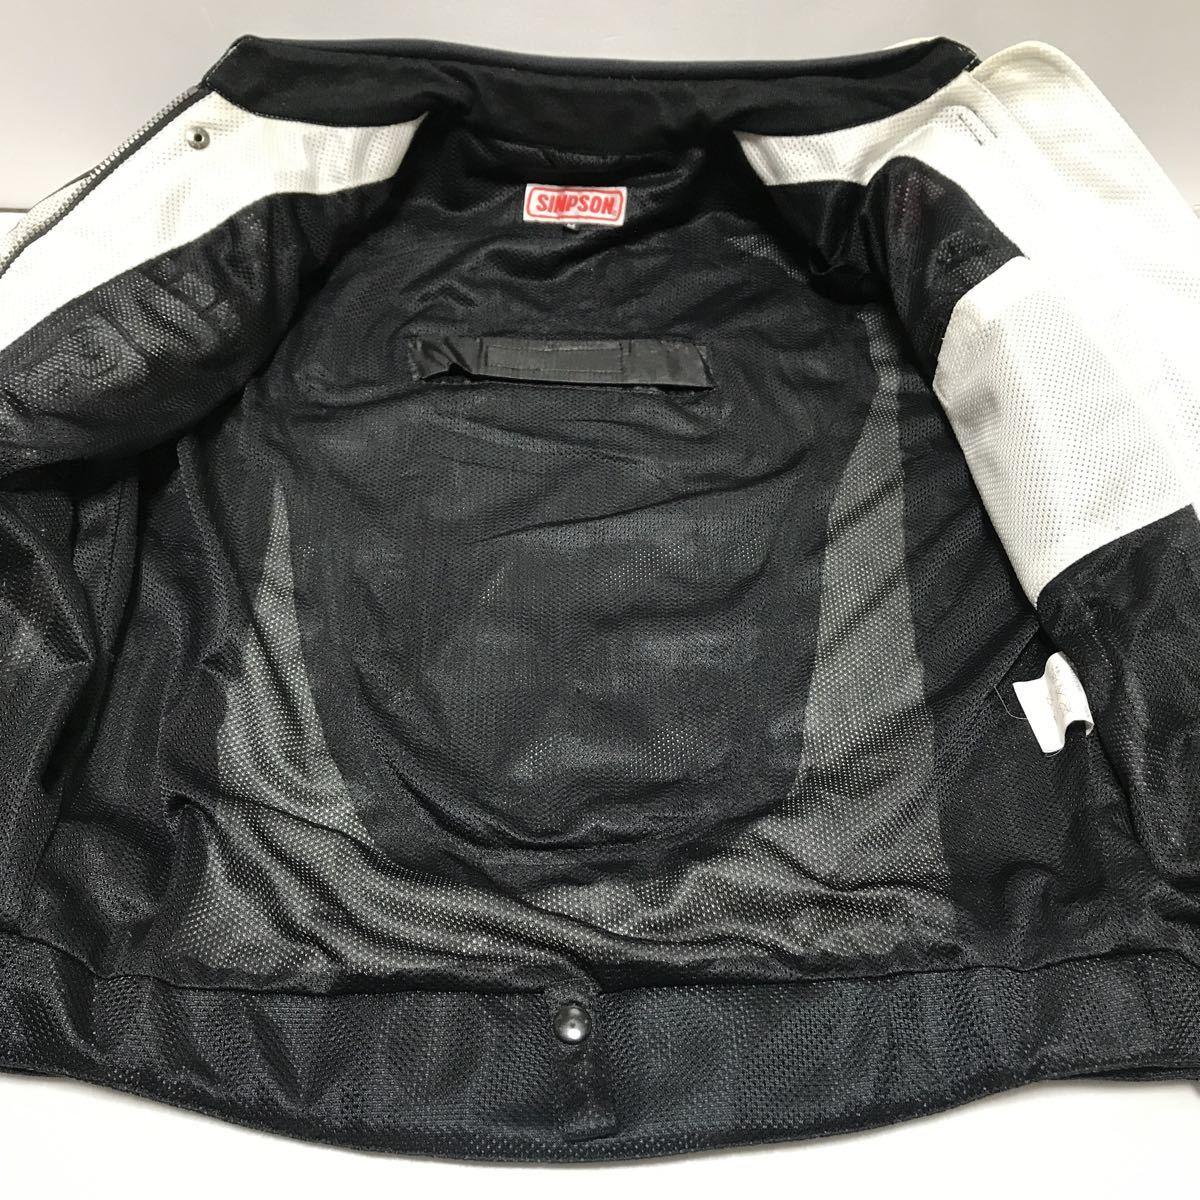 シンプソン(SIMPSON)  半袖切り替え 春夏 メッシュジャケット(メンズ) ライダースジャケット バイクウエア サイズM 中古_画像4